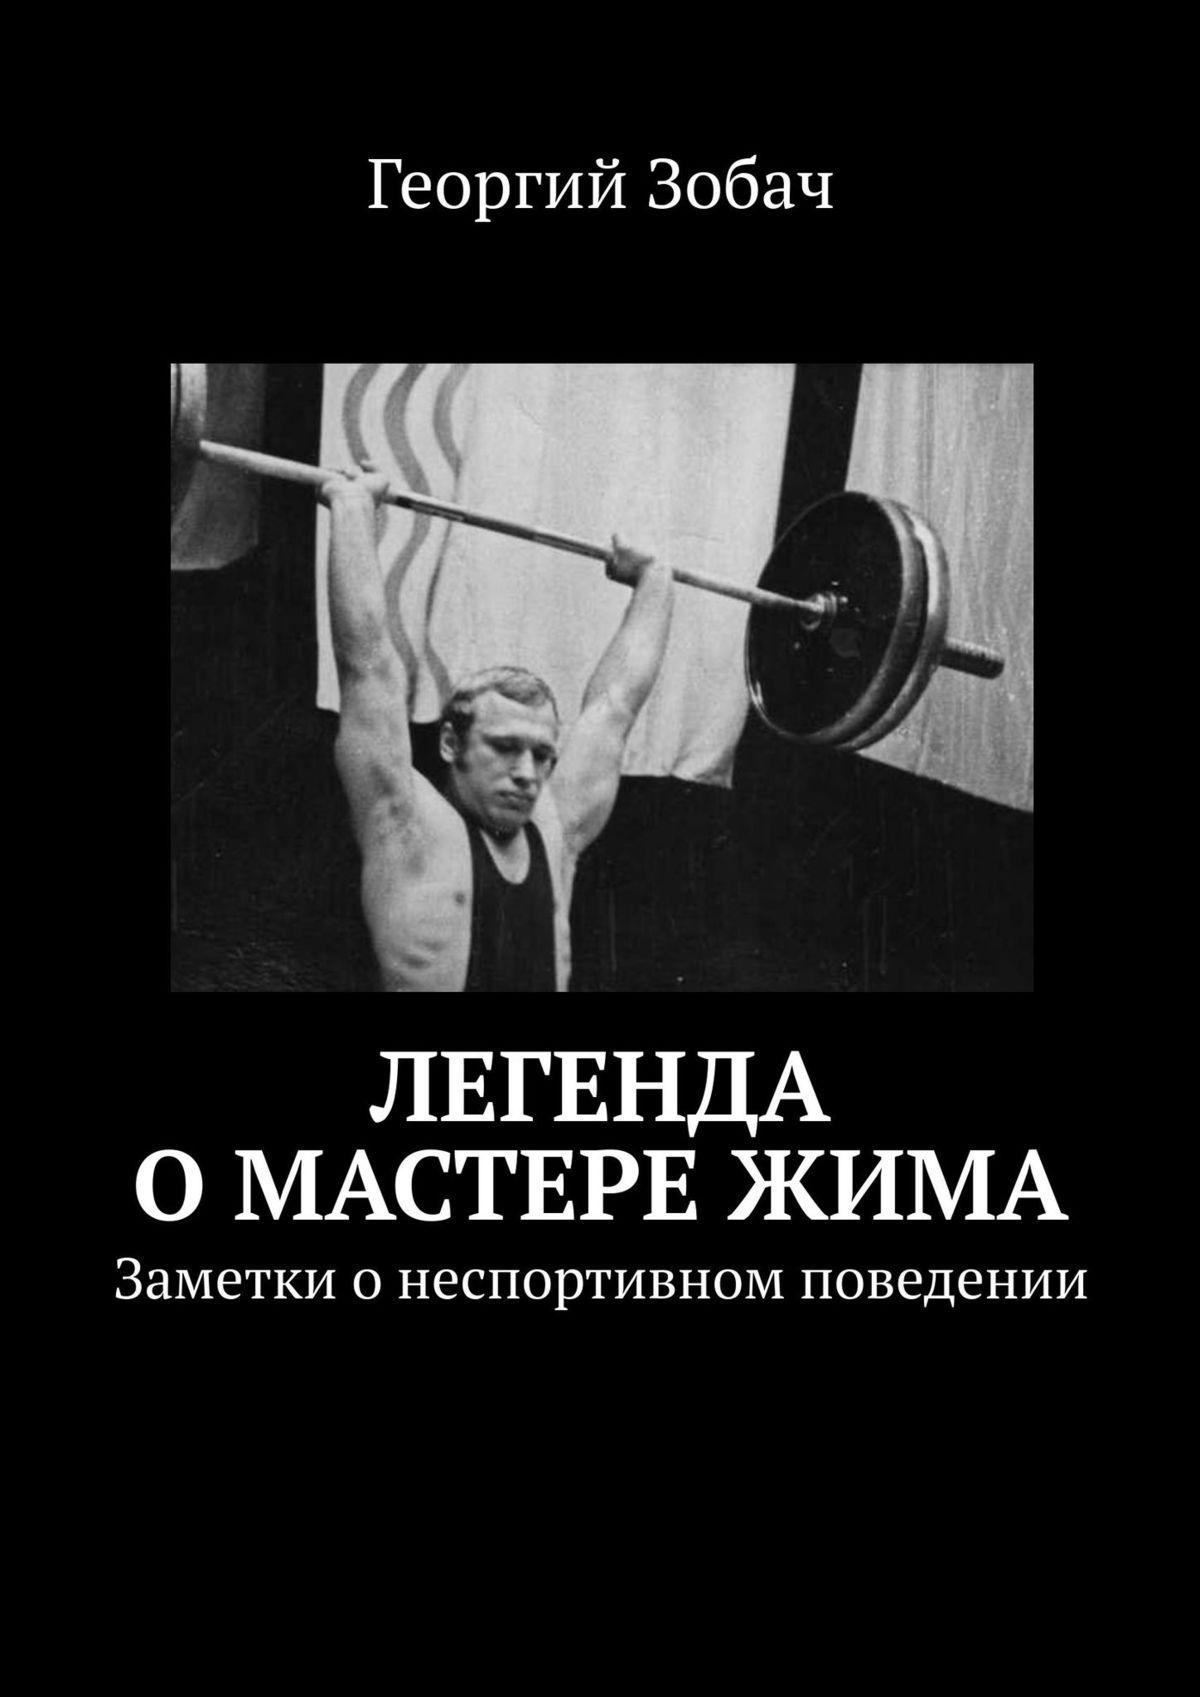 купить Георгий Зобач Легенда о мастере жима. Заметки онеспортивном поведении онлайн